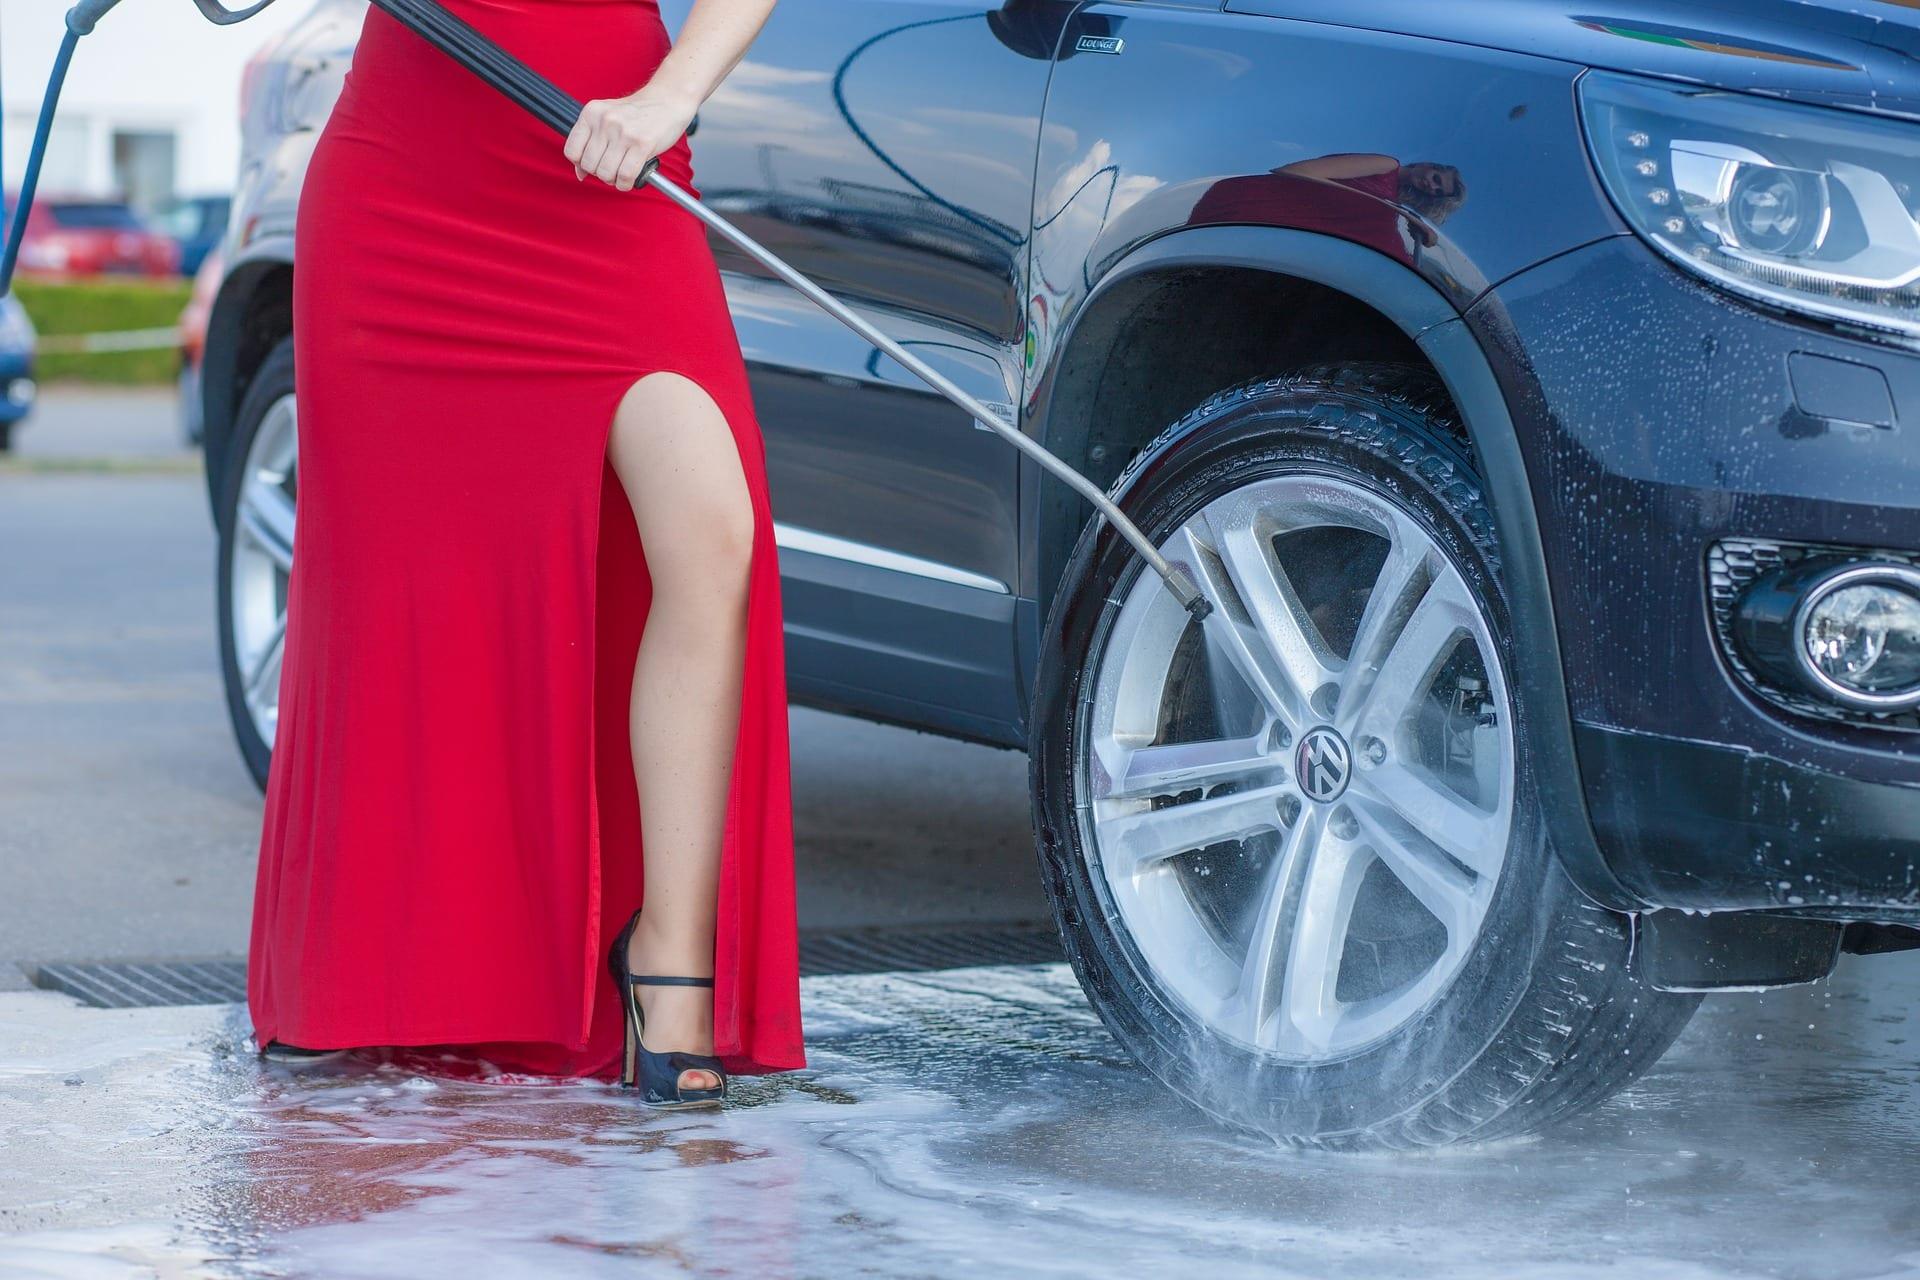 Best car maintenance blogs to follow